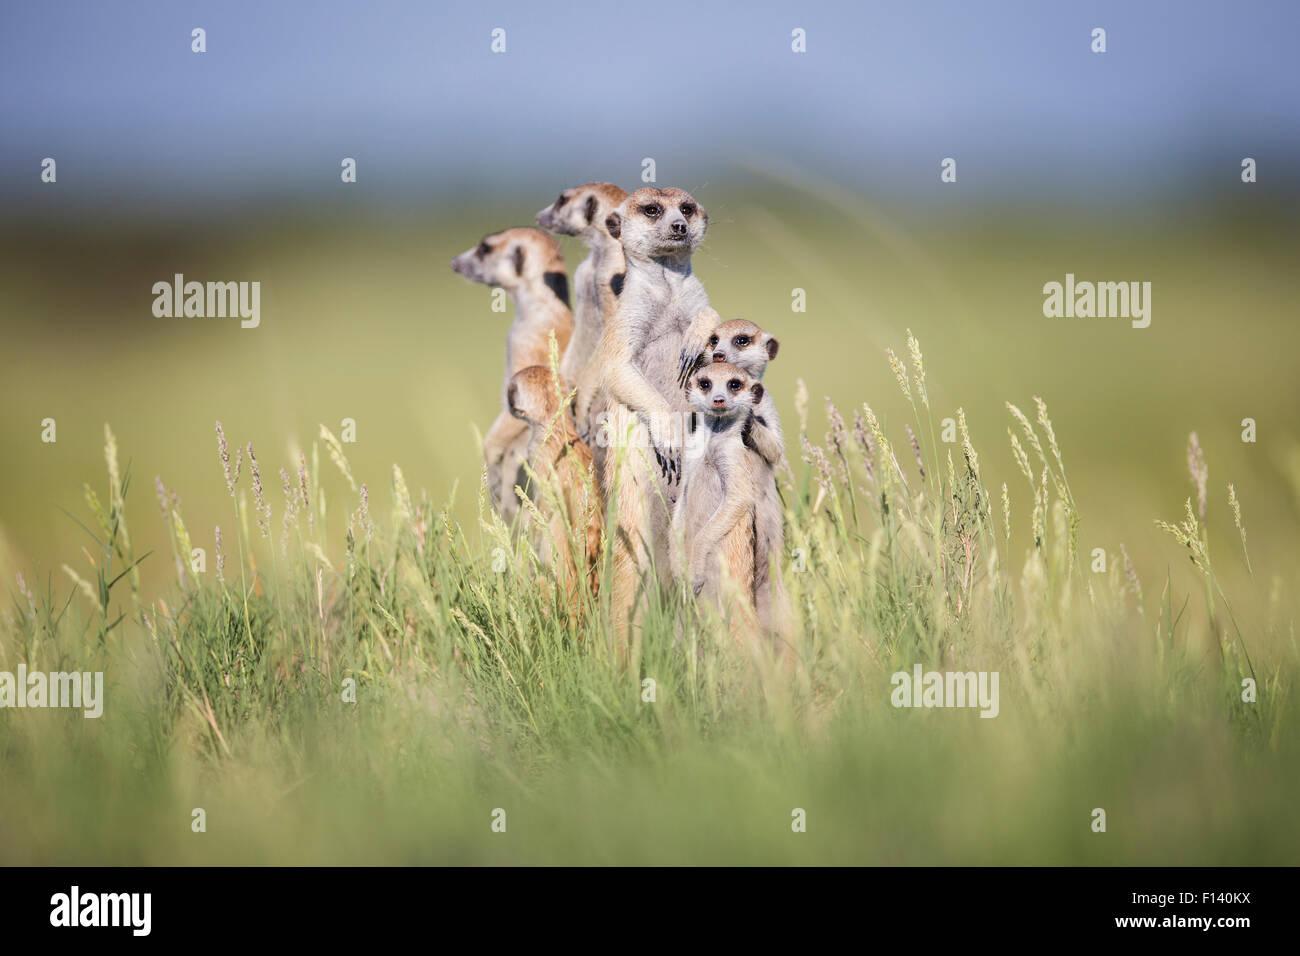 Suricata o (Suricata suricatta) Grupo de alerta permanente, Makgadikgadi Pans en Botswana. Imagen De Stock